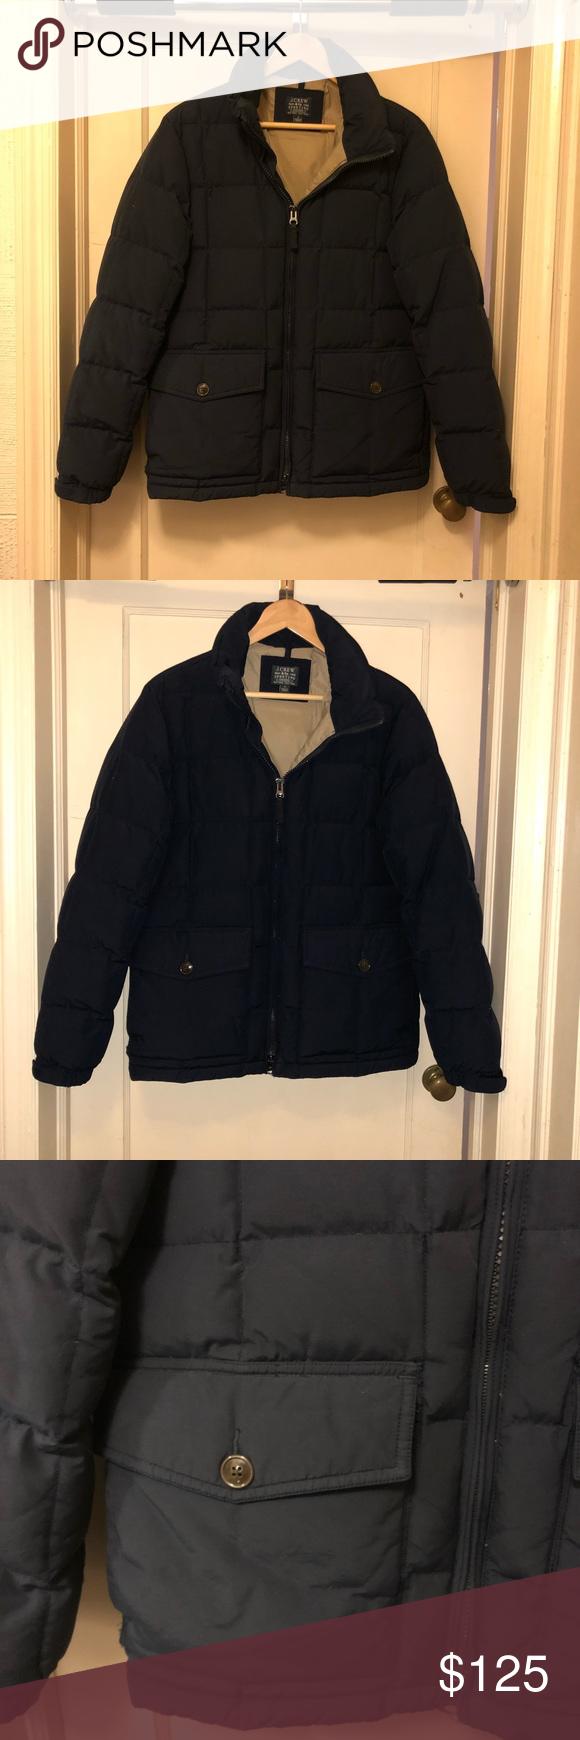 J. Crew Navy Winter Coat Great condition J. Crew Jackets